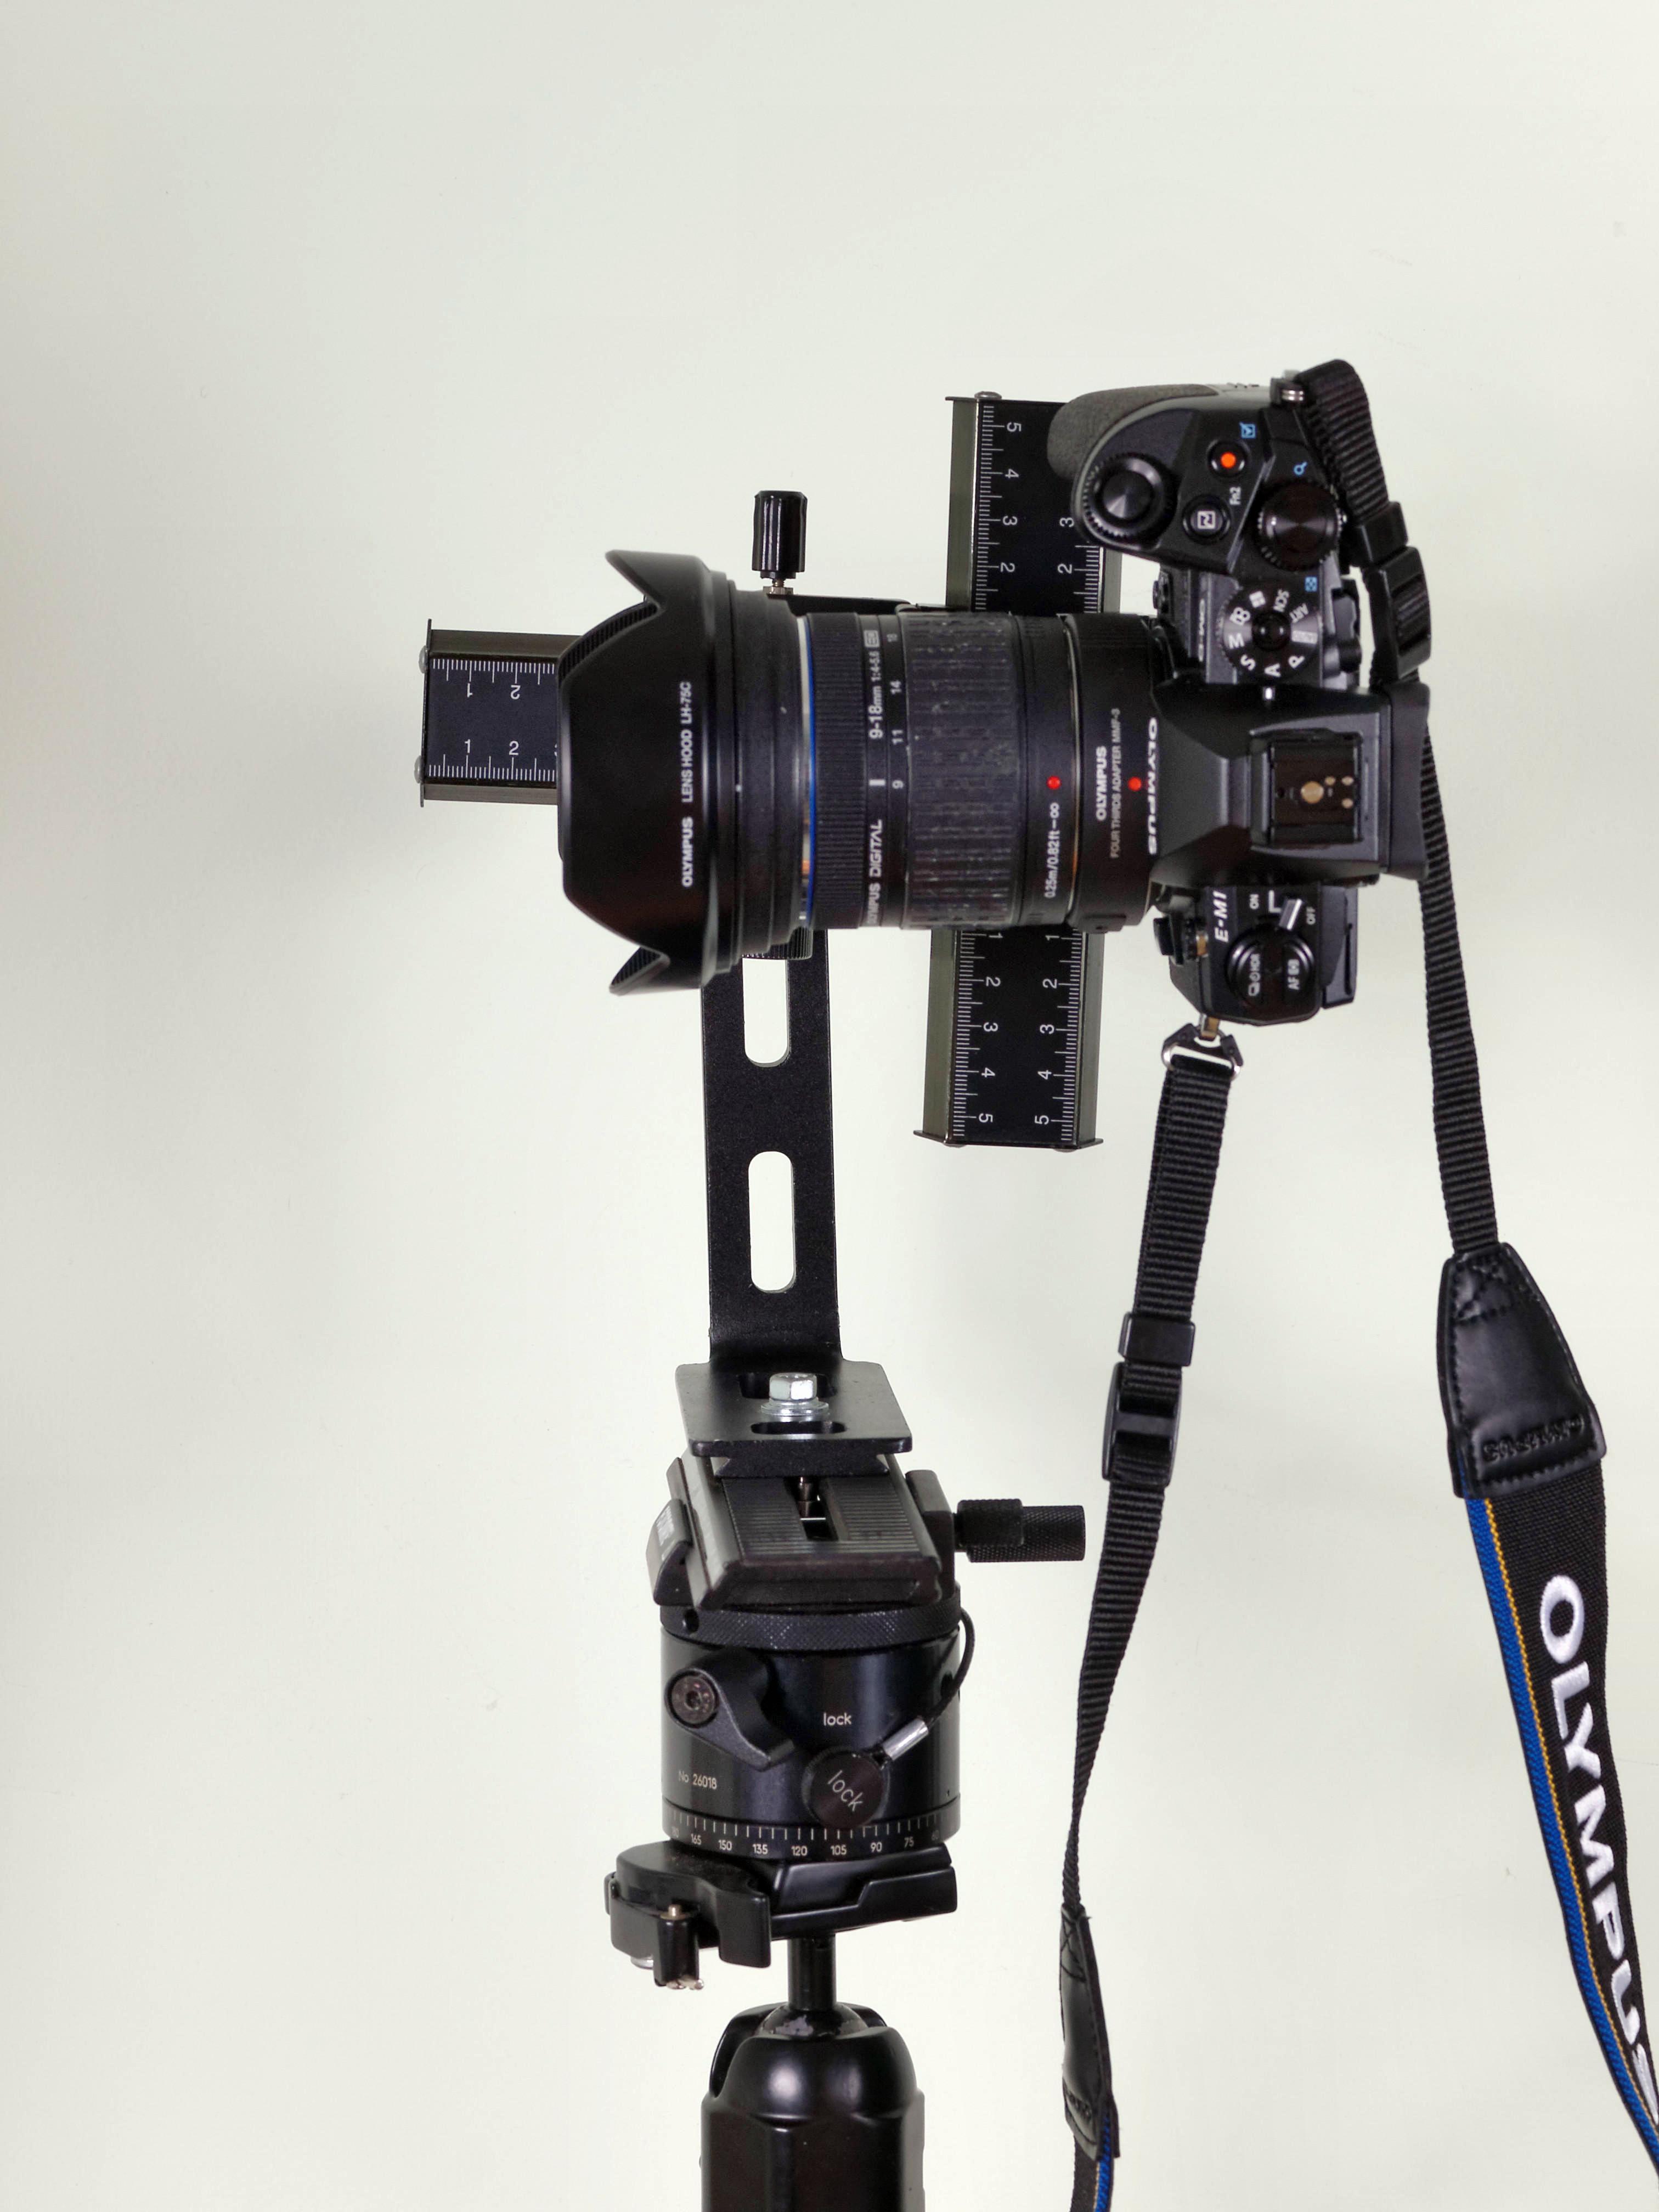 Pano-mount-3.jpeg